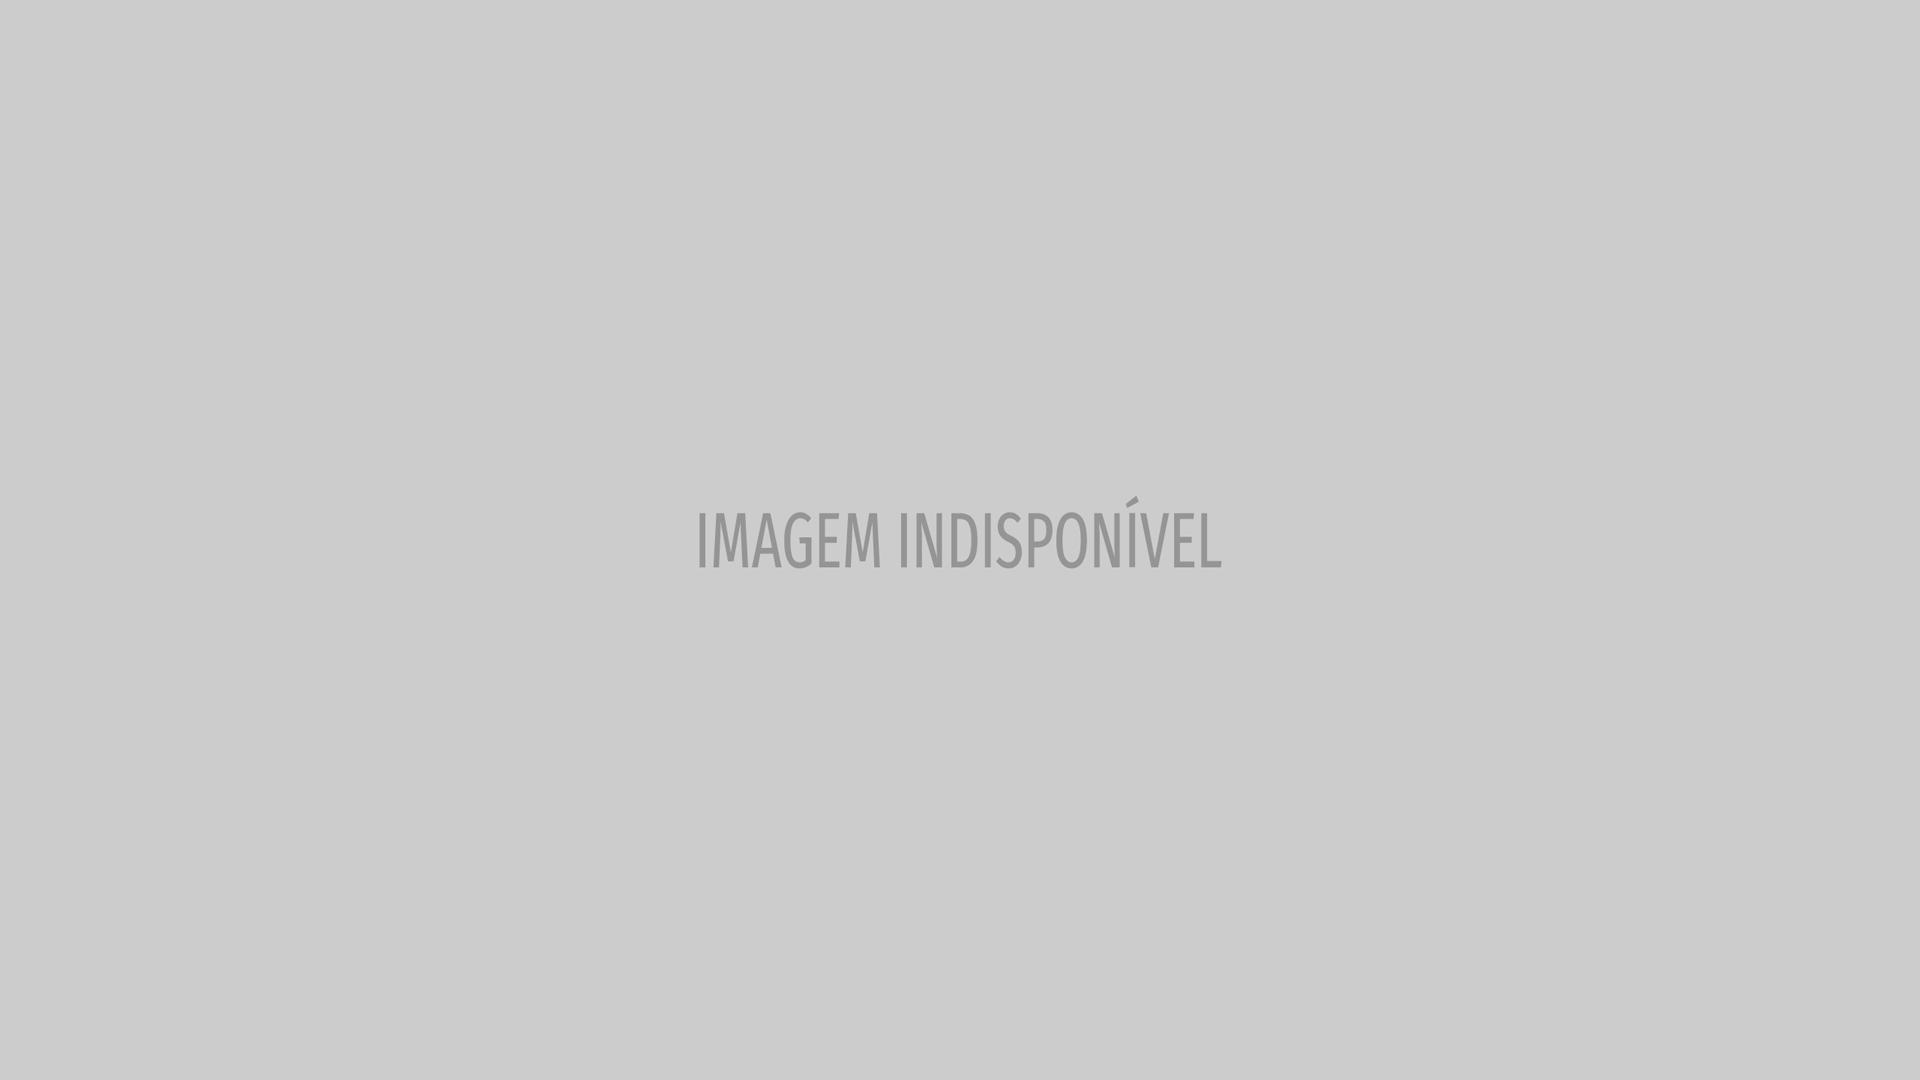 Pela primeira vez, Sara assinala Dia dos Namorados com foto com Teixeira